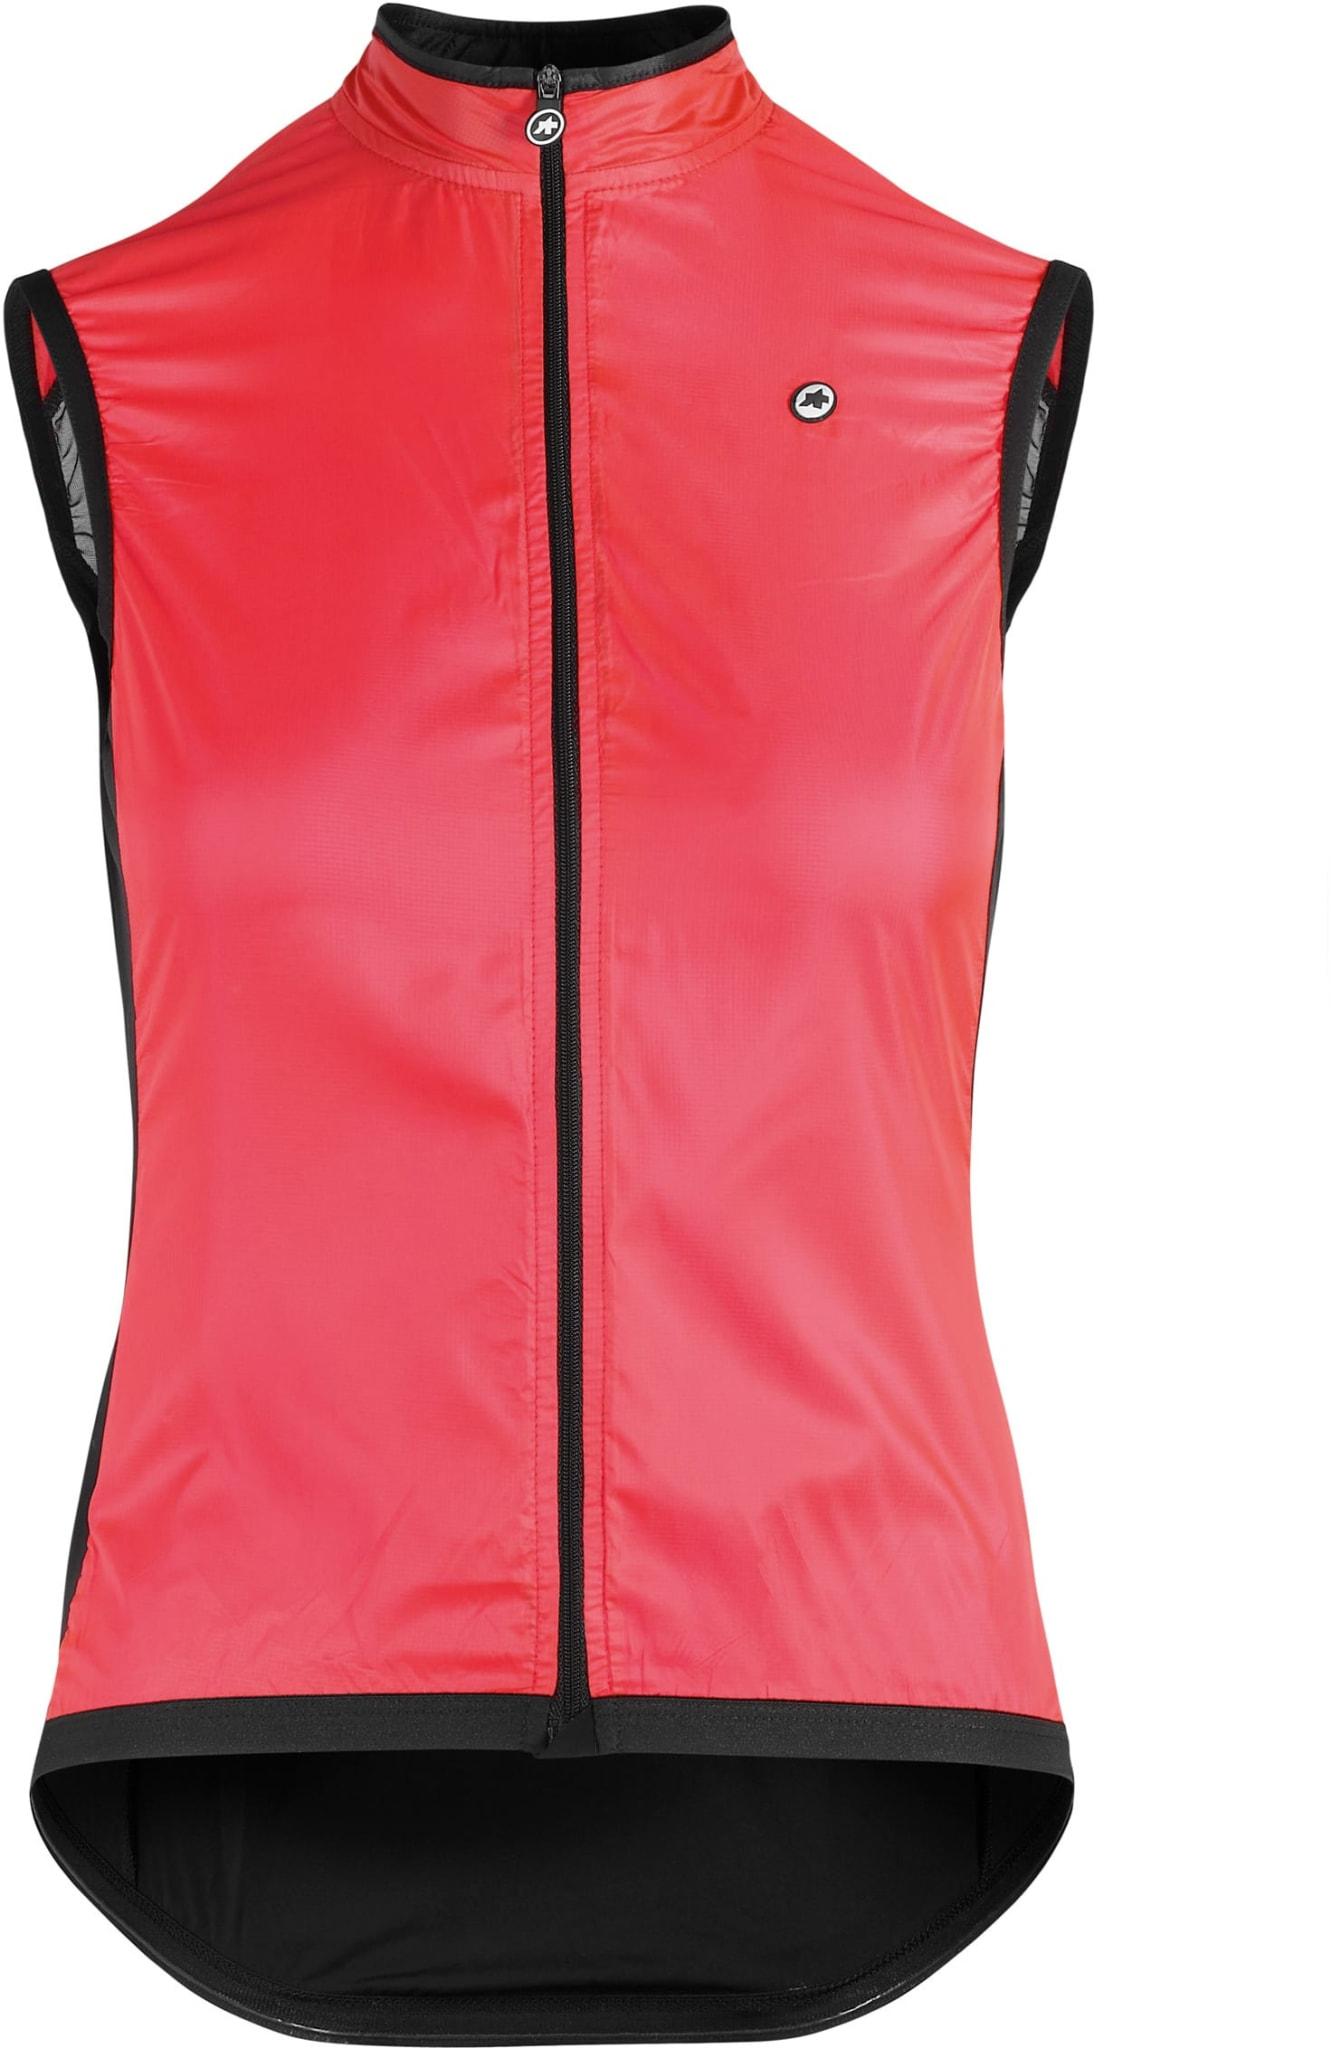 Vindtett og lettvektsvest for de kvinnelige syklistene som ønsker litt ekstra beskyttelse.